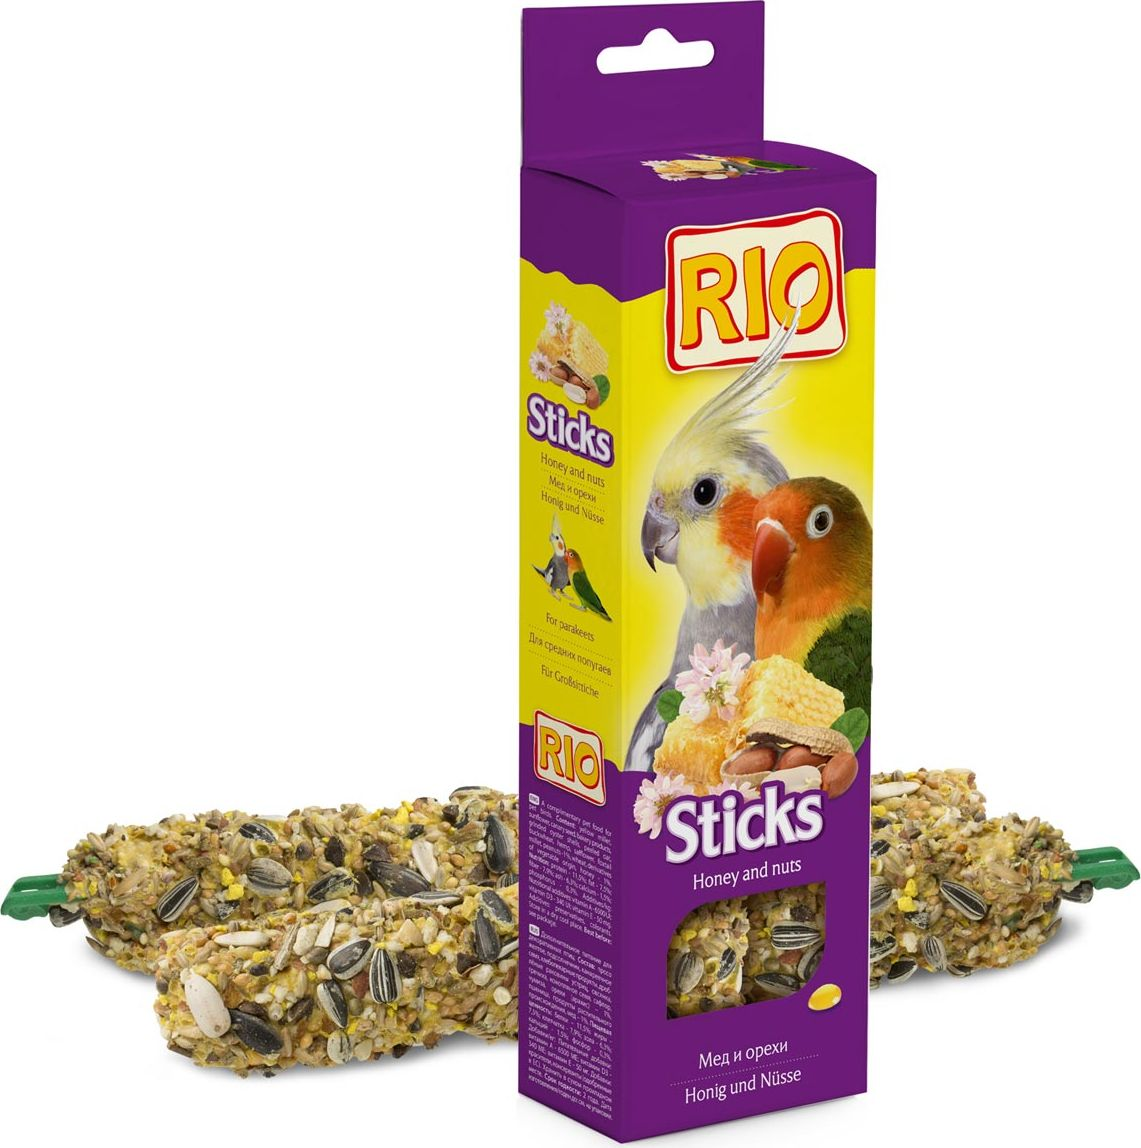 Лакомство для средних попугаев RIO Sticks, с медом и орехами, 2 х 75 г rio rio палочки для канареек с медом и полезными семенами 2 шт 40 г